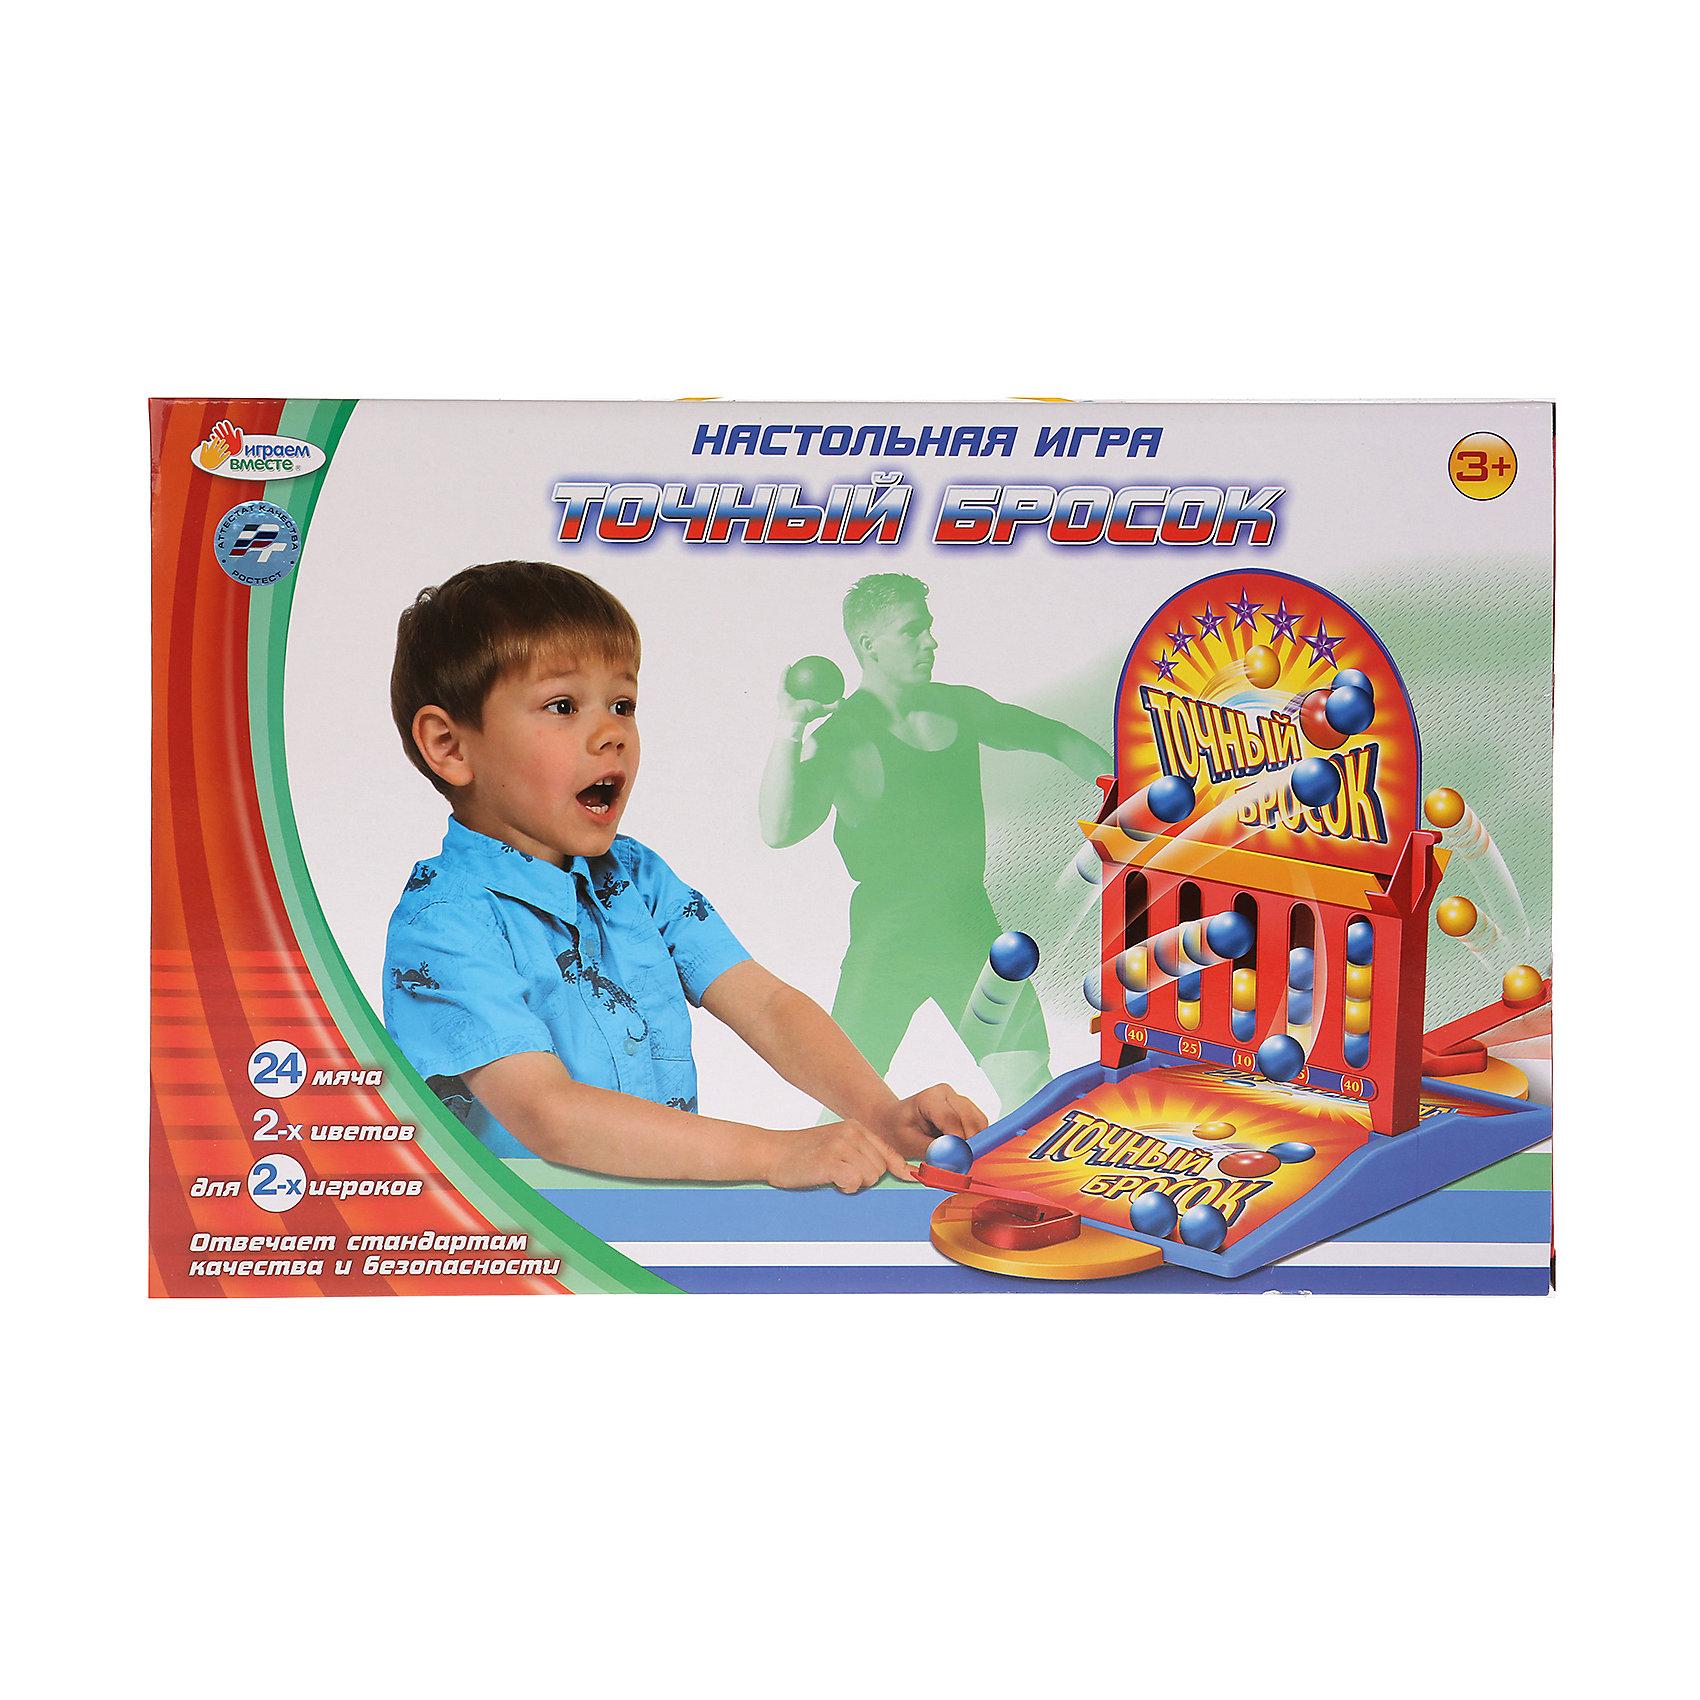 Настольная игра  Точный бросок, Играем вместеНастольная игра  Точный бросок, Играем вместе – это веселая игра, не даст скучать вашим детям, и позволит весело провести время!<br>Настольная игра «Точный бросок» своеобразный тренажер для развития координации, внимания, спортивного азарта и целеустремленности. Цель игры заключается в том, чтобы забросить по четыре мячика либо по горизонтали, либо по вертикали поля. Если все же у обоих игроков этого не получилось, то игра считается сыгранной вничью. Игра может использоваться как в домашних условиях, так и в детских учреждениях. Это динамичная игра, способная разнообразить досуг вашего ребенка. Игрушка отвечает стандартам качества и безопасности.<br><br>Дополнительная информация:<br><br>- В наборе: детали для сборки игровой установки; шарики оранжевые 12 шт; шарики синие 12 шт; правила игры<br>- Количество игроков: от 1 до 2 человек<br>- Материал: пластмасса, картон<br>- Размер упаковки: 41 х 26,5 х 6 см.<br><br>Настольную игру  Точный бросок, Играем вместе купить в нашем интернет-магазине.<br><br>Ширина мм: 270<br>Глубина мм: 420<br>Высота мм: 60<br>Вес г: 880<br>Возраст от месяцев: 36<br>Возраст до месяцев: 60<br>Пол: Мужской<br>Возраст: Детский<br>SKU: 3804885